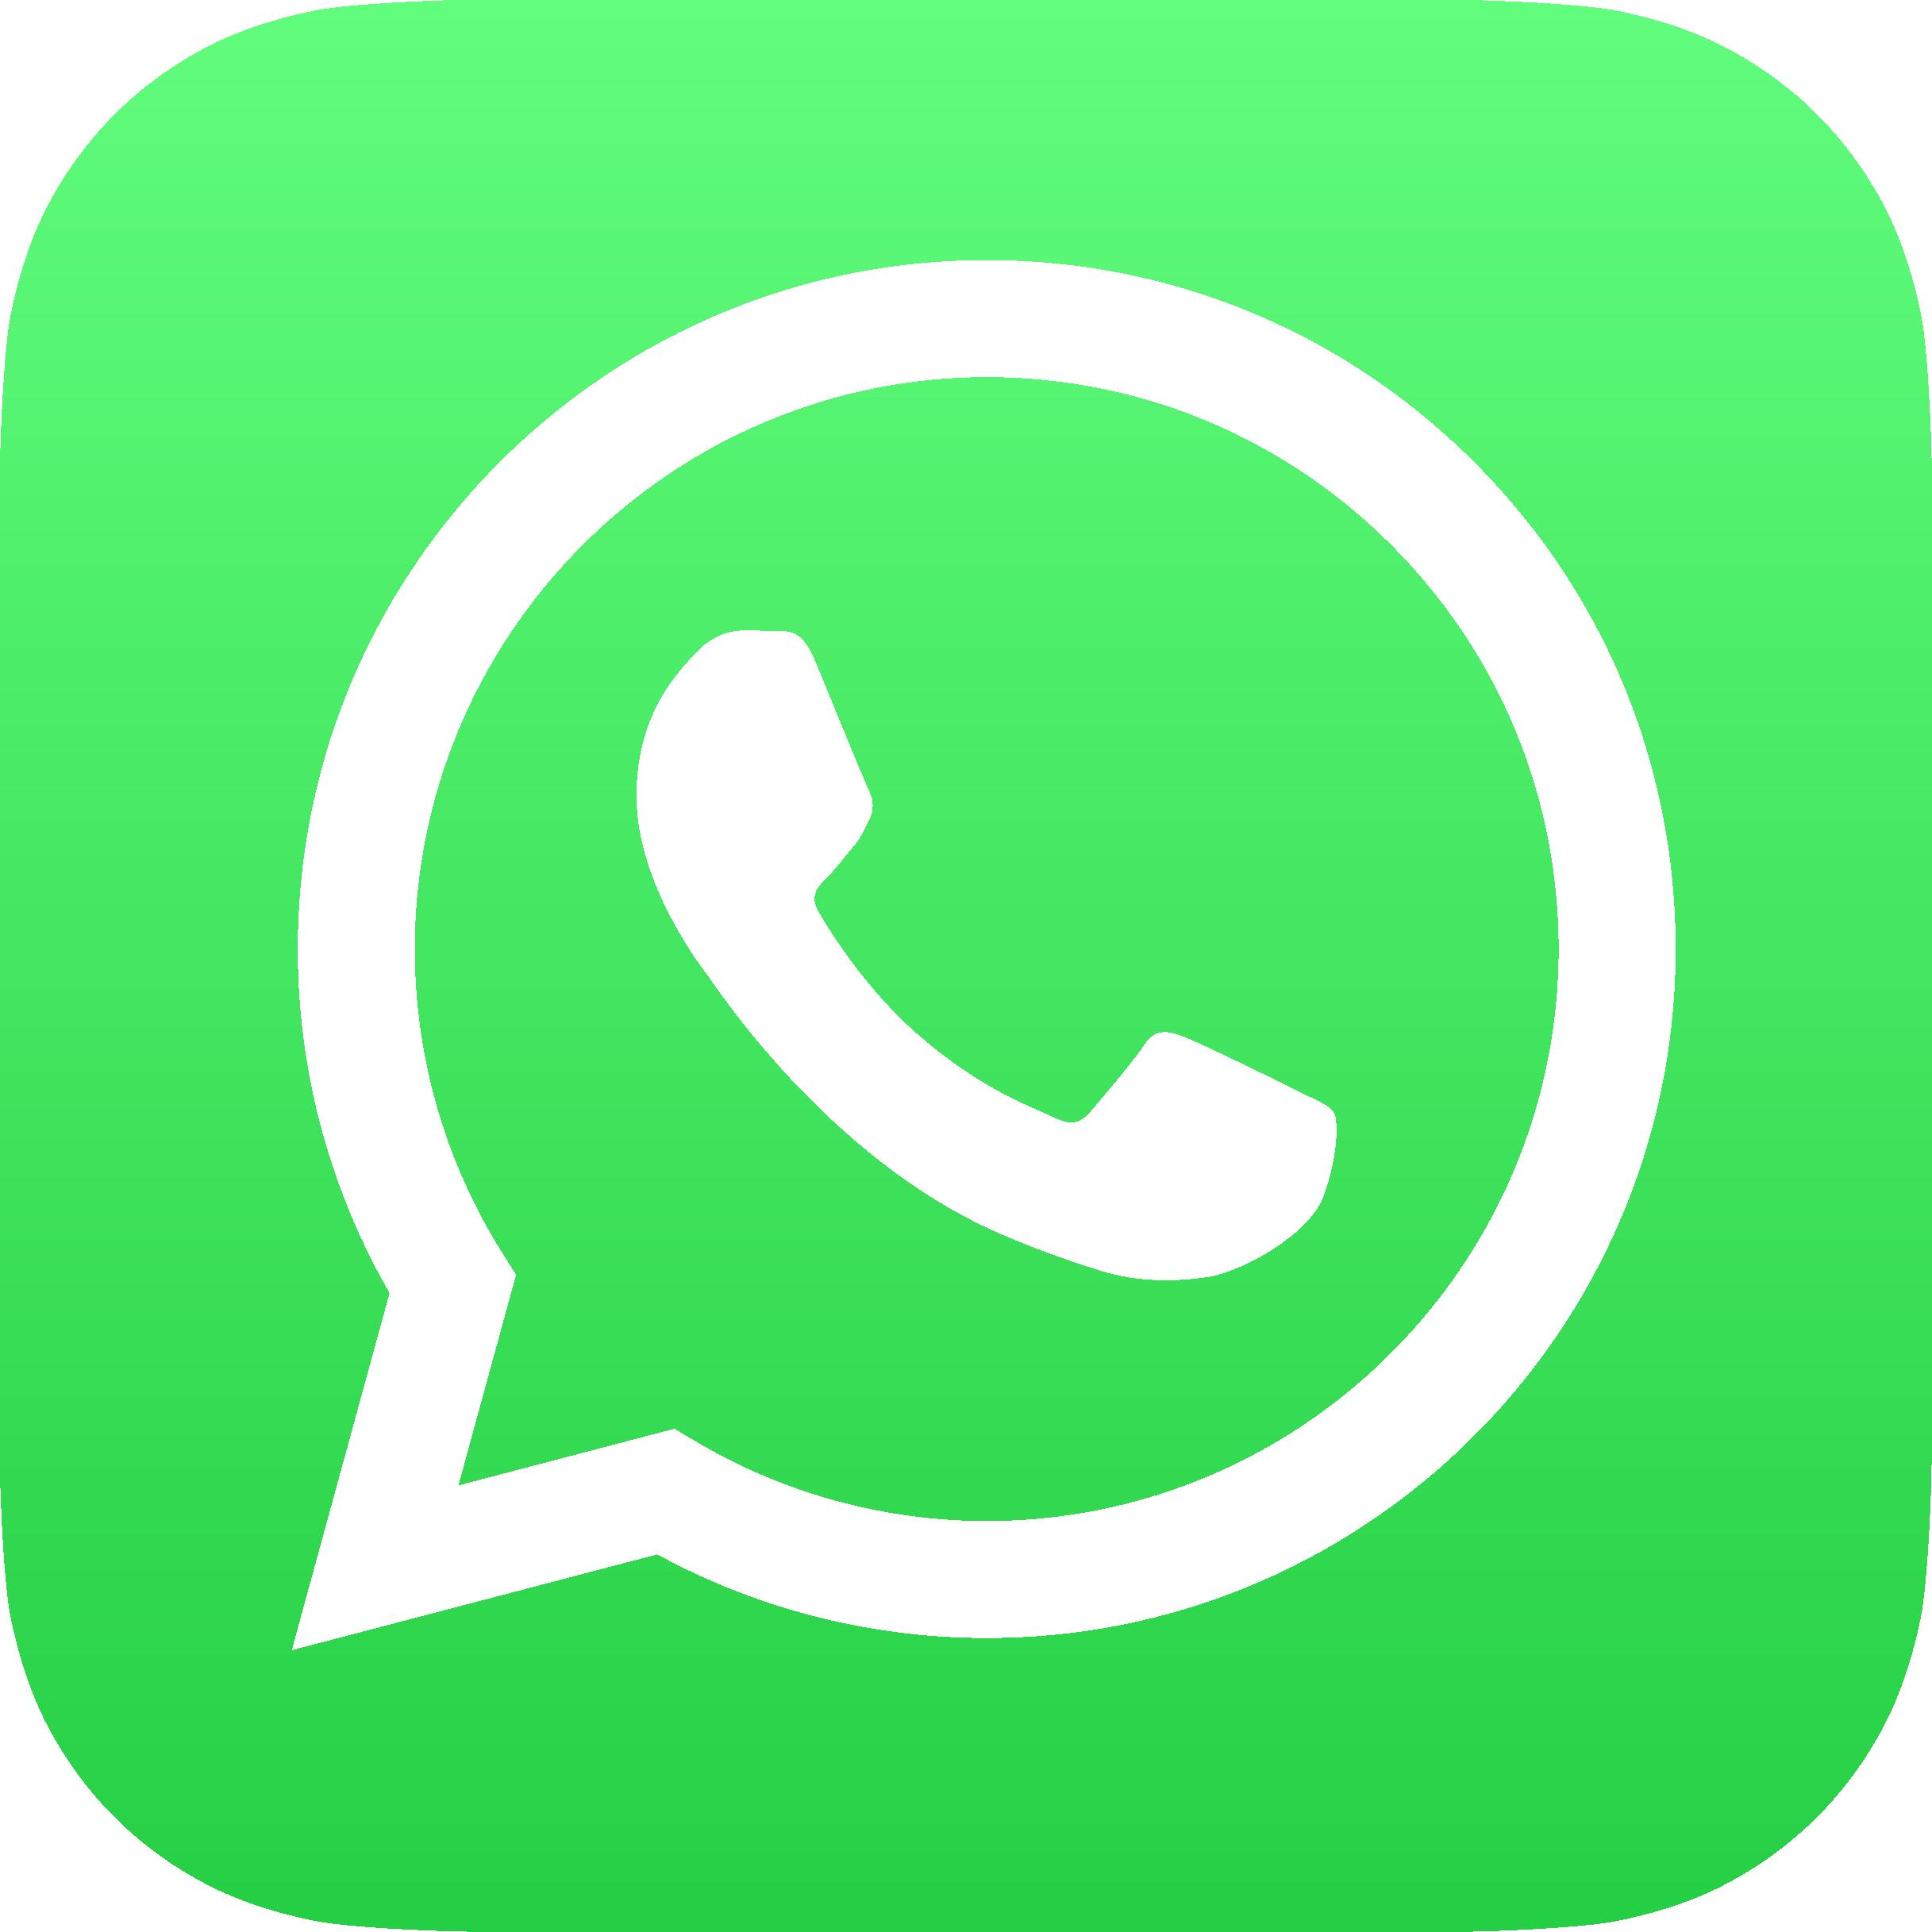 WhatsApp Logo - Whatsapp Clipart